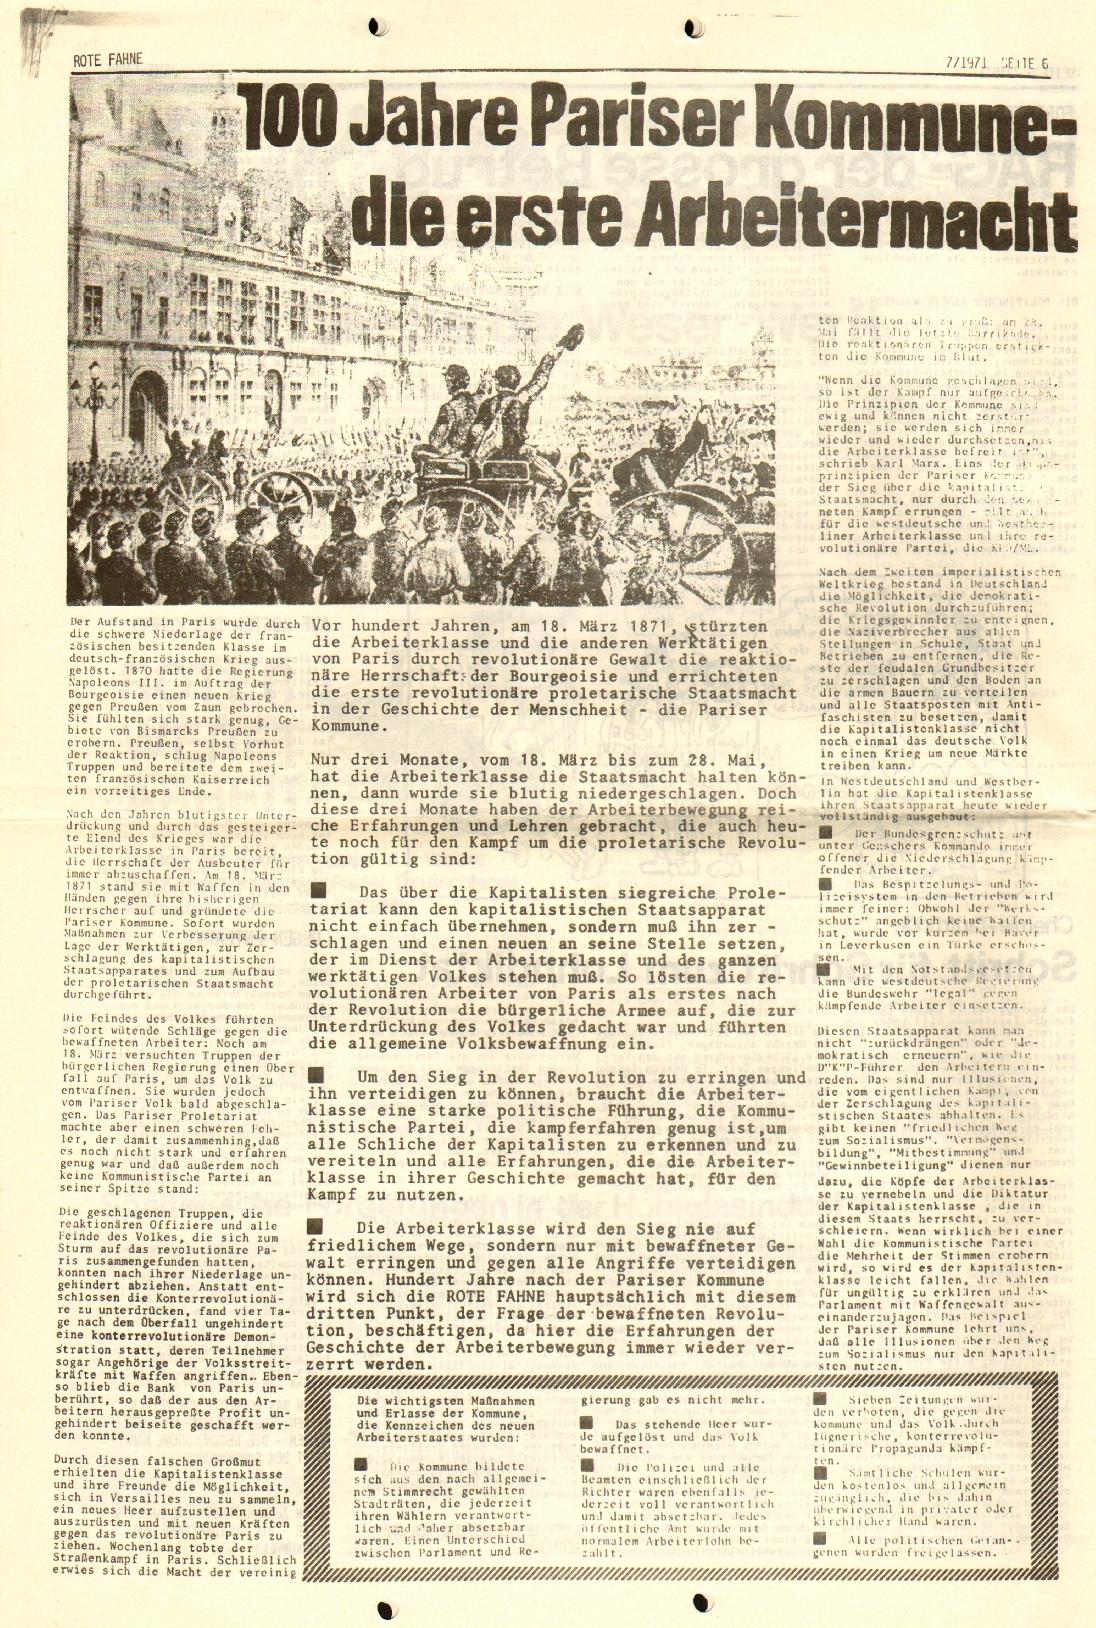 Rote Fahne, 2. Jg., 12.4.1971, Nr. 7, Seite 6